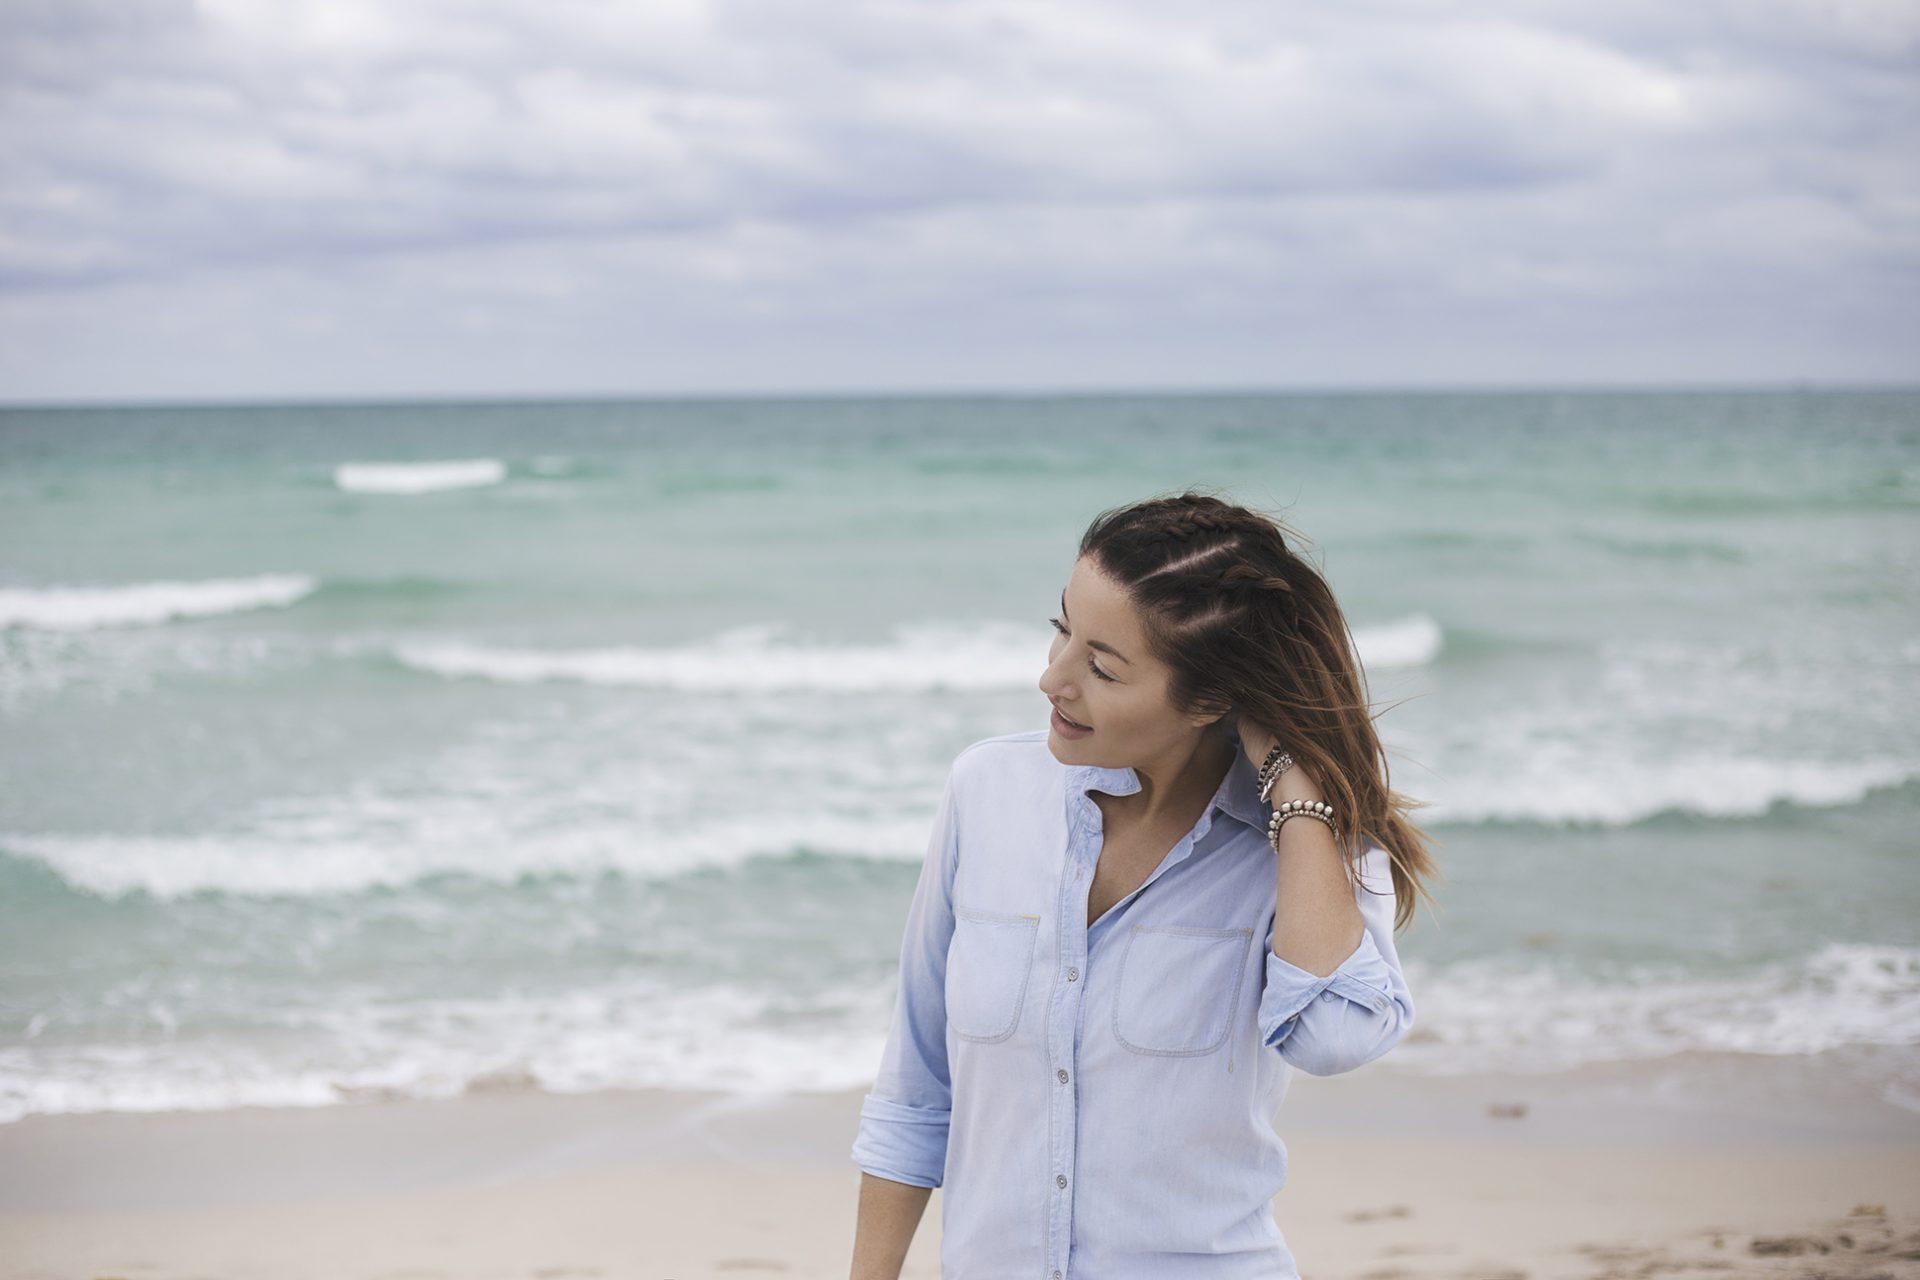 Casual beach braids